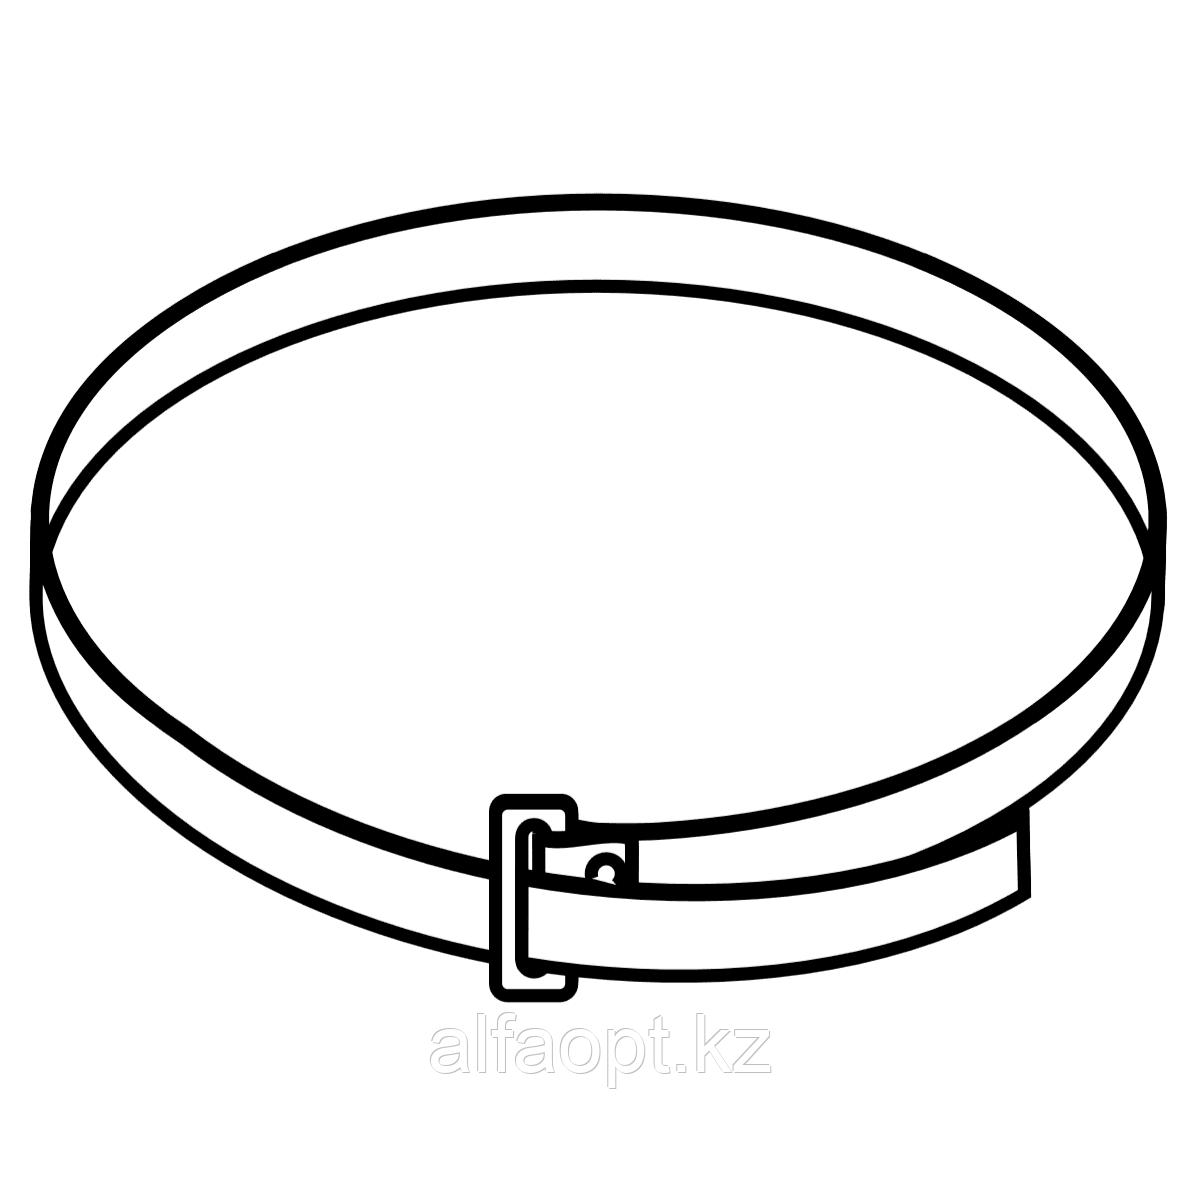 Хомут для крепления кронштейнов к трубе PB300 (35шт./уп.)